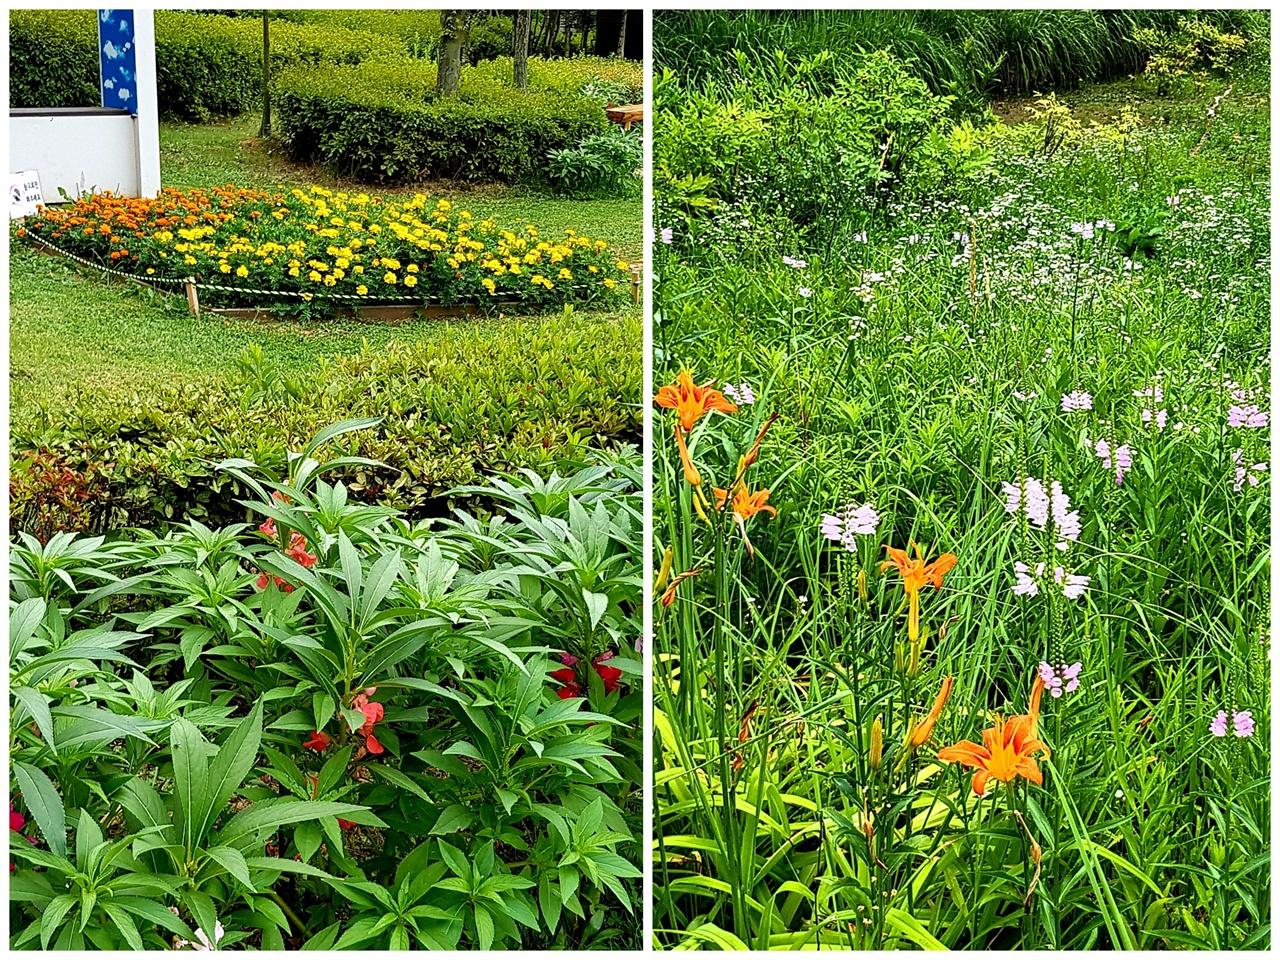 인간의 의도대로 꾸며야만 아름다운 조경일까? 자유롭게 어우러진 꽃밭이 더 아름다울 수도 있지 않을까?